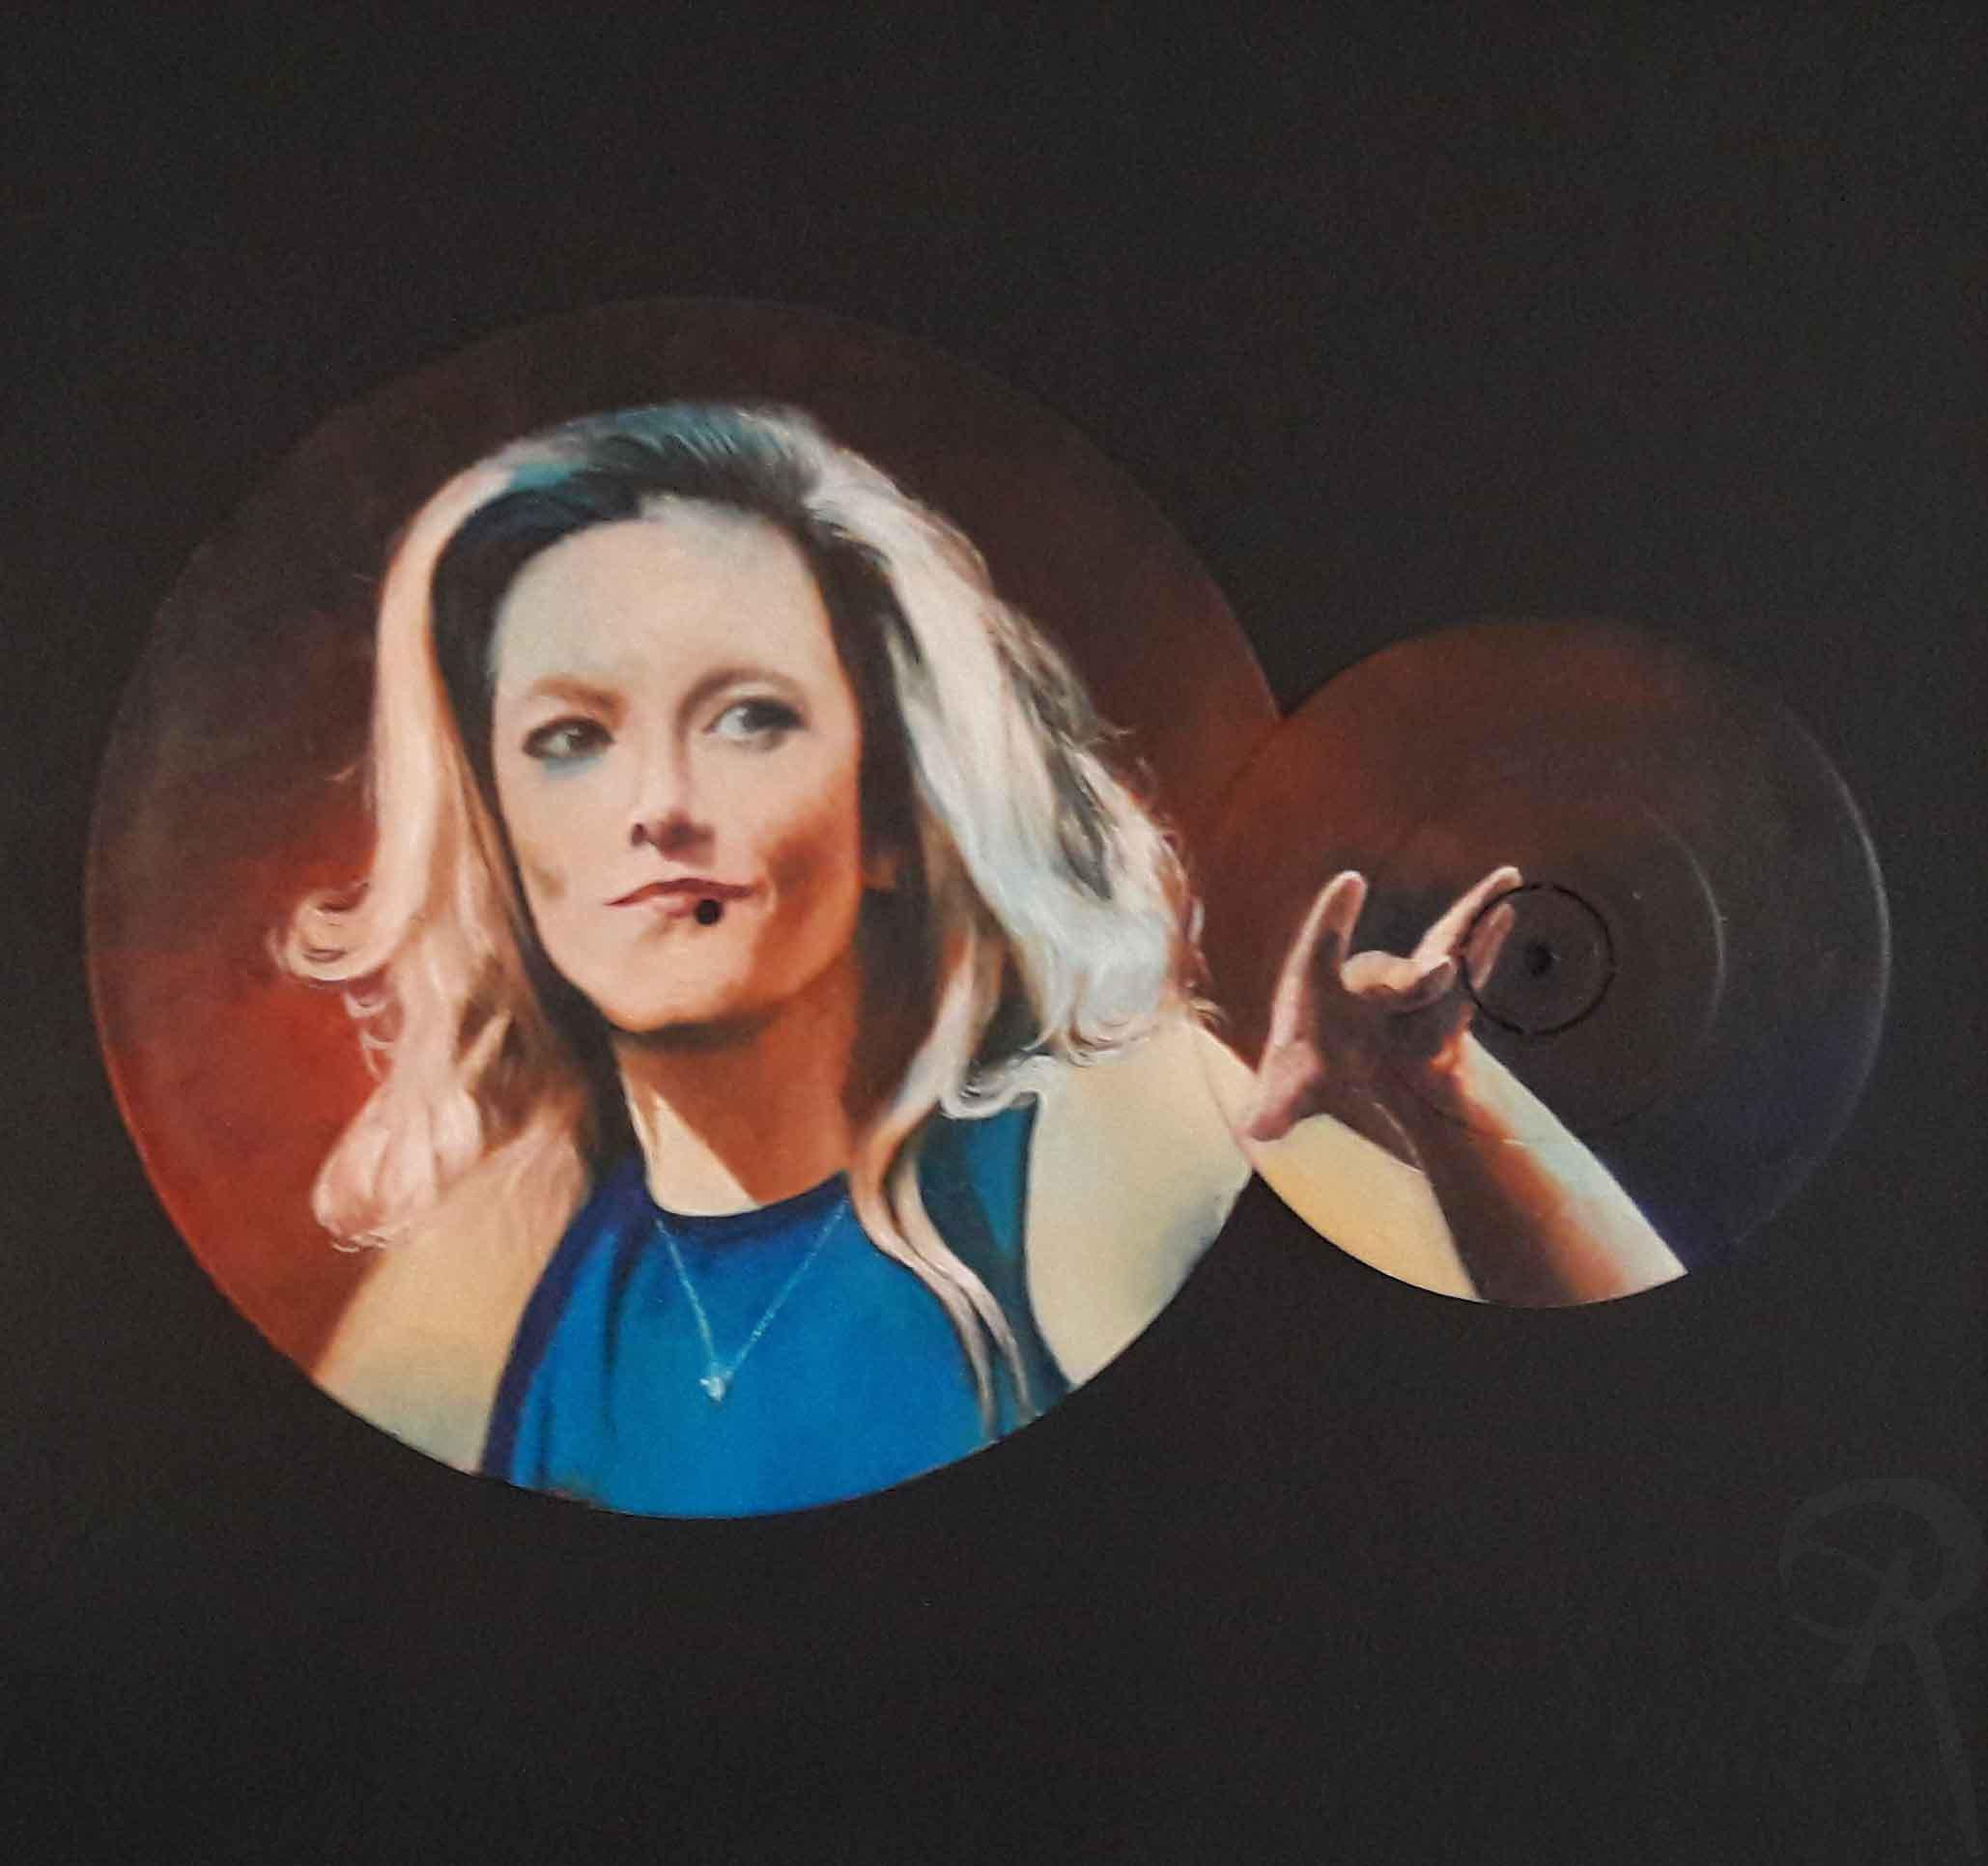 Barbara-Hannigan-op-LP_door-Rene-Visker_web